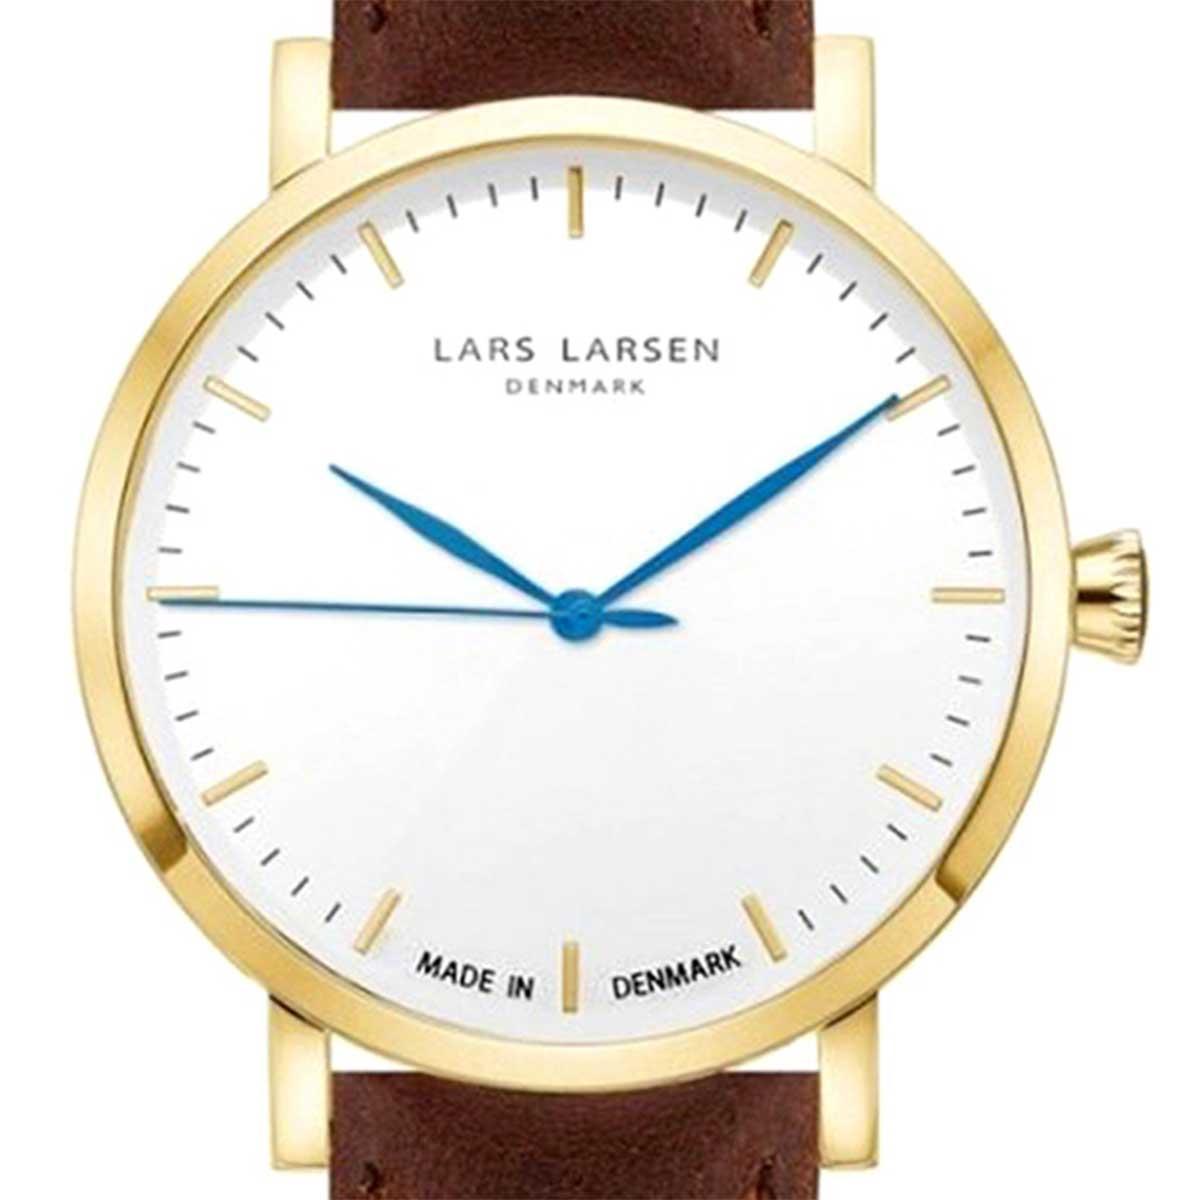 LARS LARSEN ラースラーセン (LLARSEN エルラーセン) 電池式クォーツ 腕時計 [WH143GW] 並行輸入品